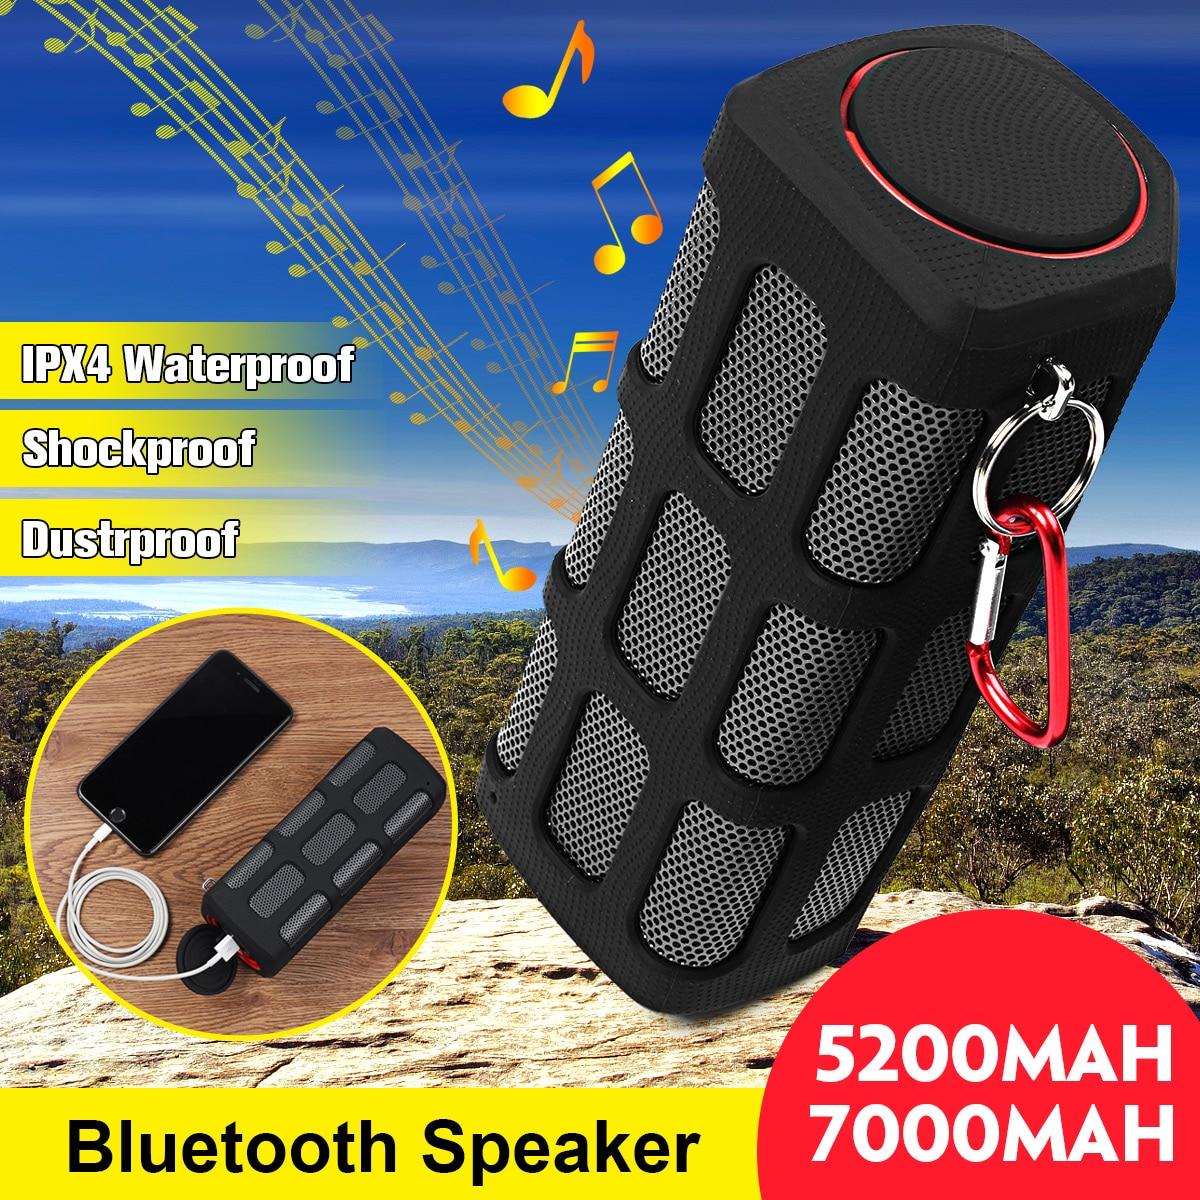 Portátil À Prova de Choque À Prova de Poeira À Prova D' Água Sem Fio Bluetooth Speaker 5200 mAh/Banco do Poder 7000 mAh Esportes Ao Ar Livre Alto-falantes de Graves